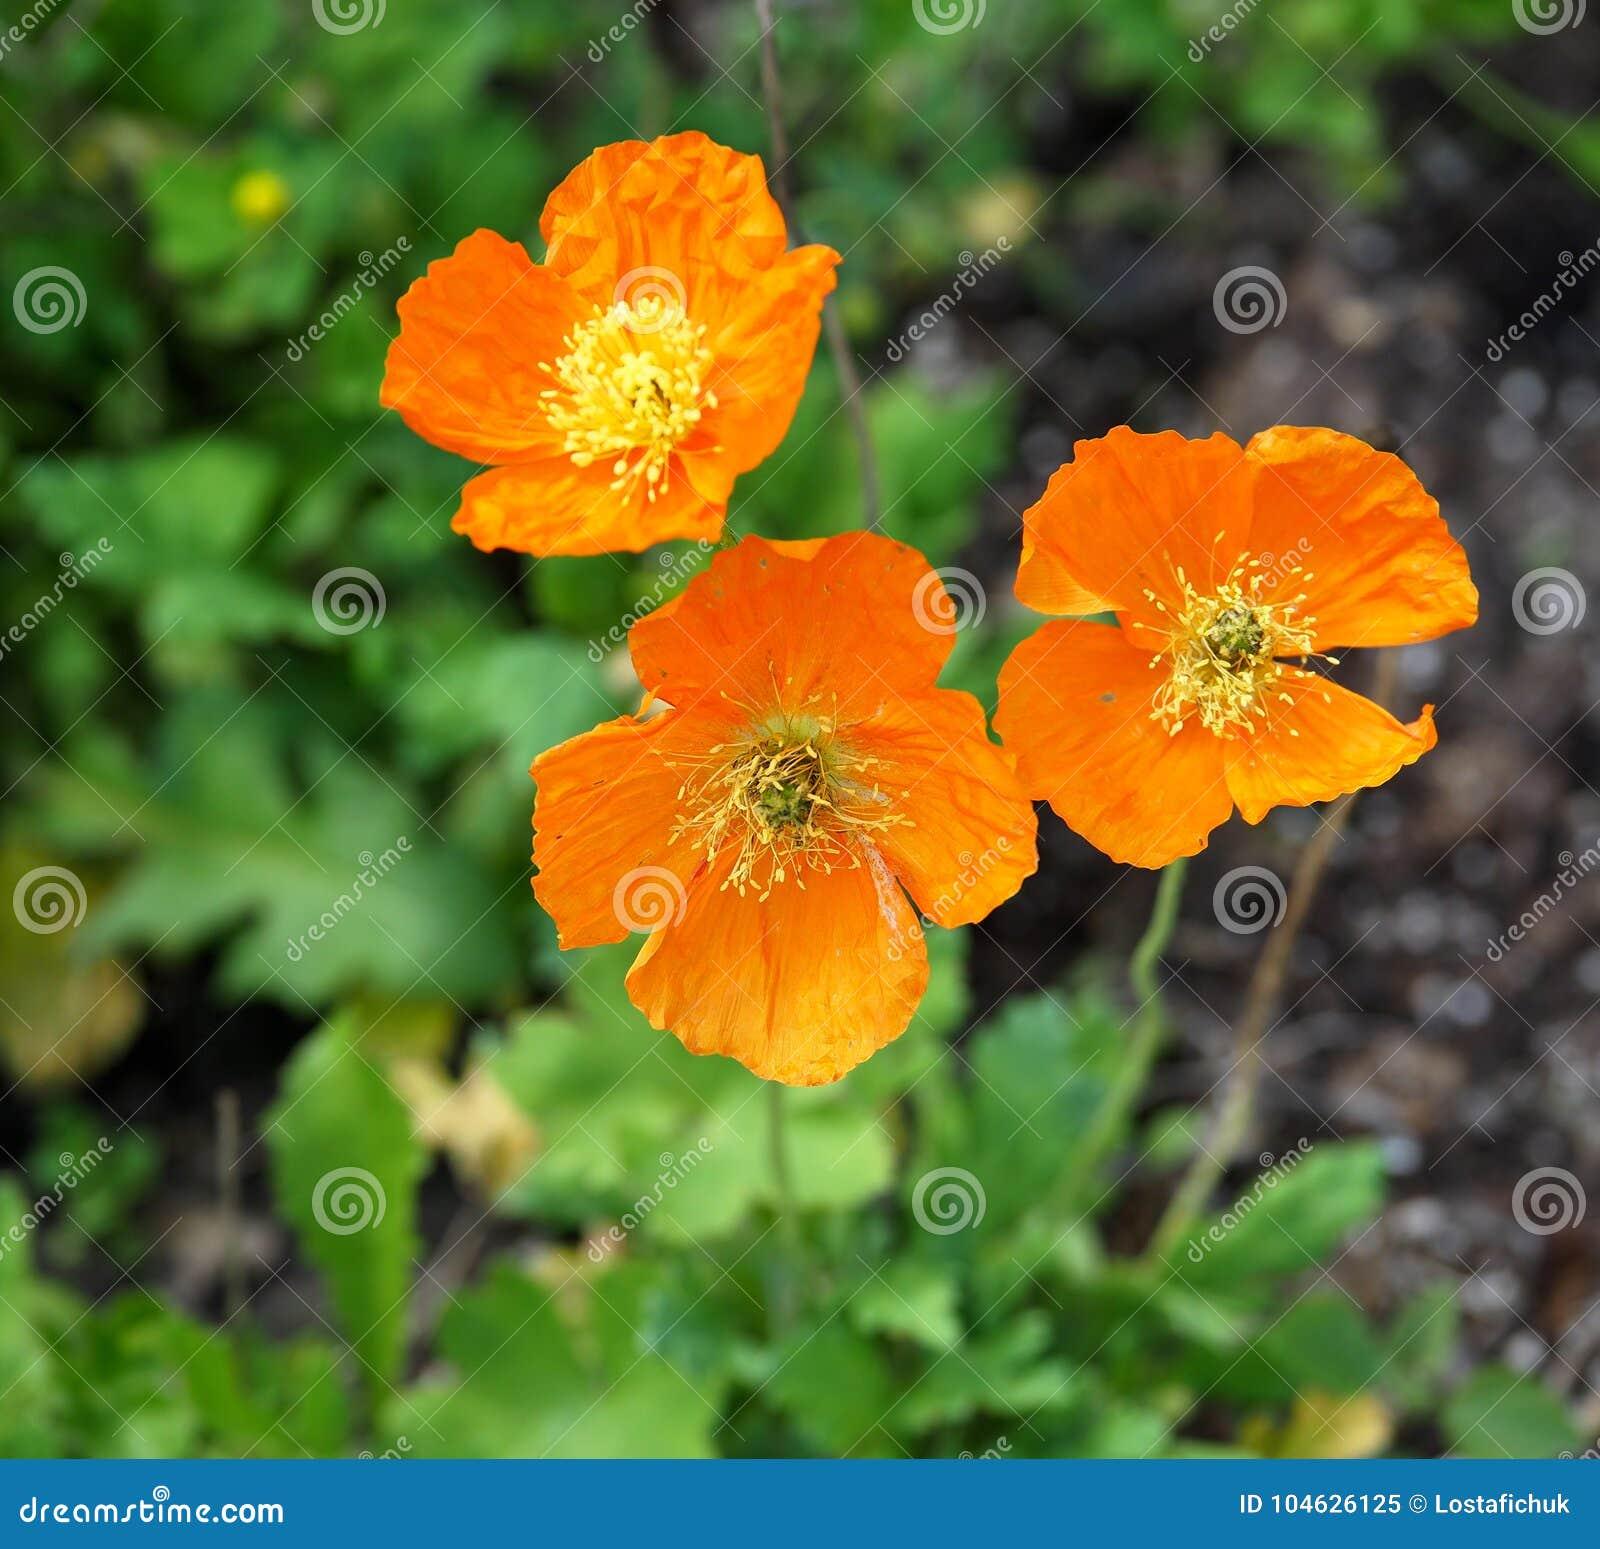 Download Ijslandse Papaver Of Papaver Nudicaule In Bloei Stock Afbeelding - Afbeelding bestaande uit sinaasappel, anthers: 104626125